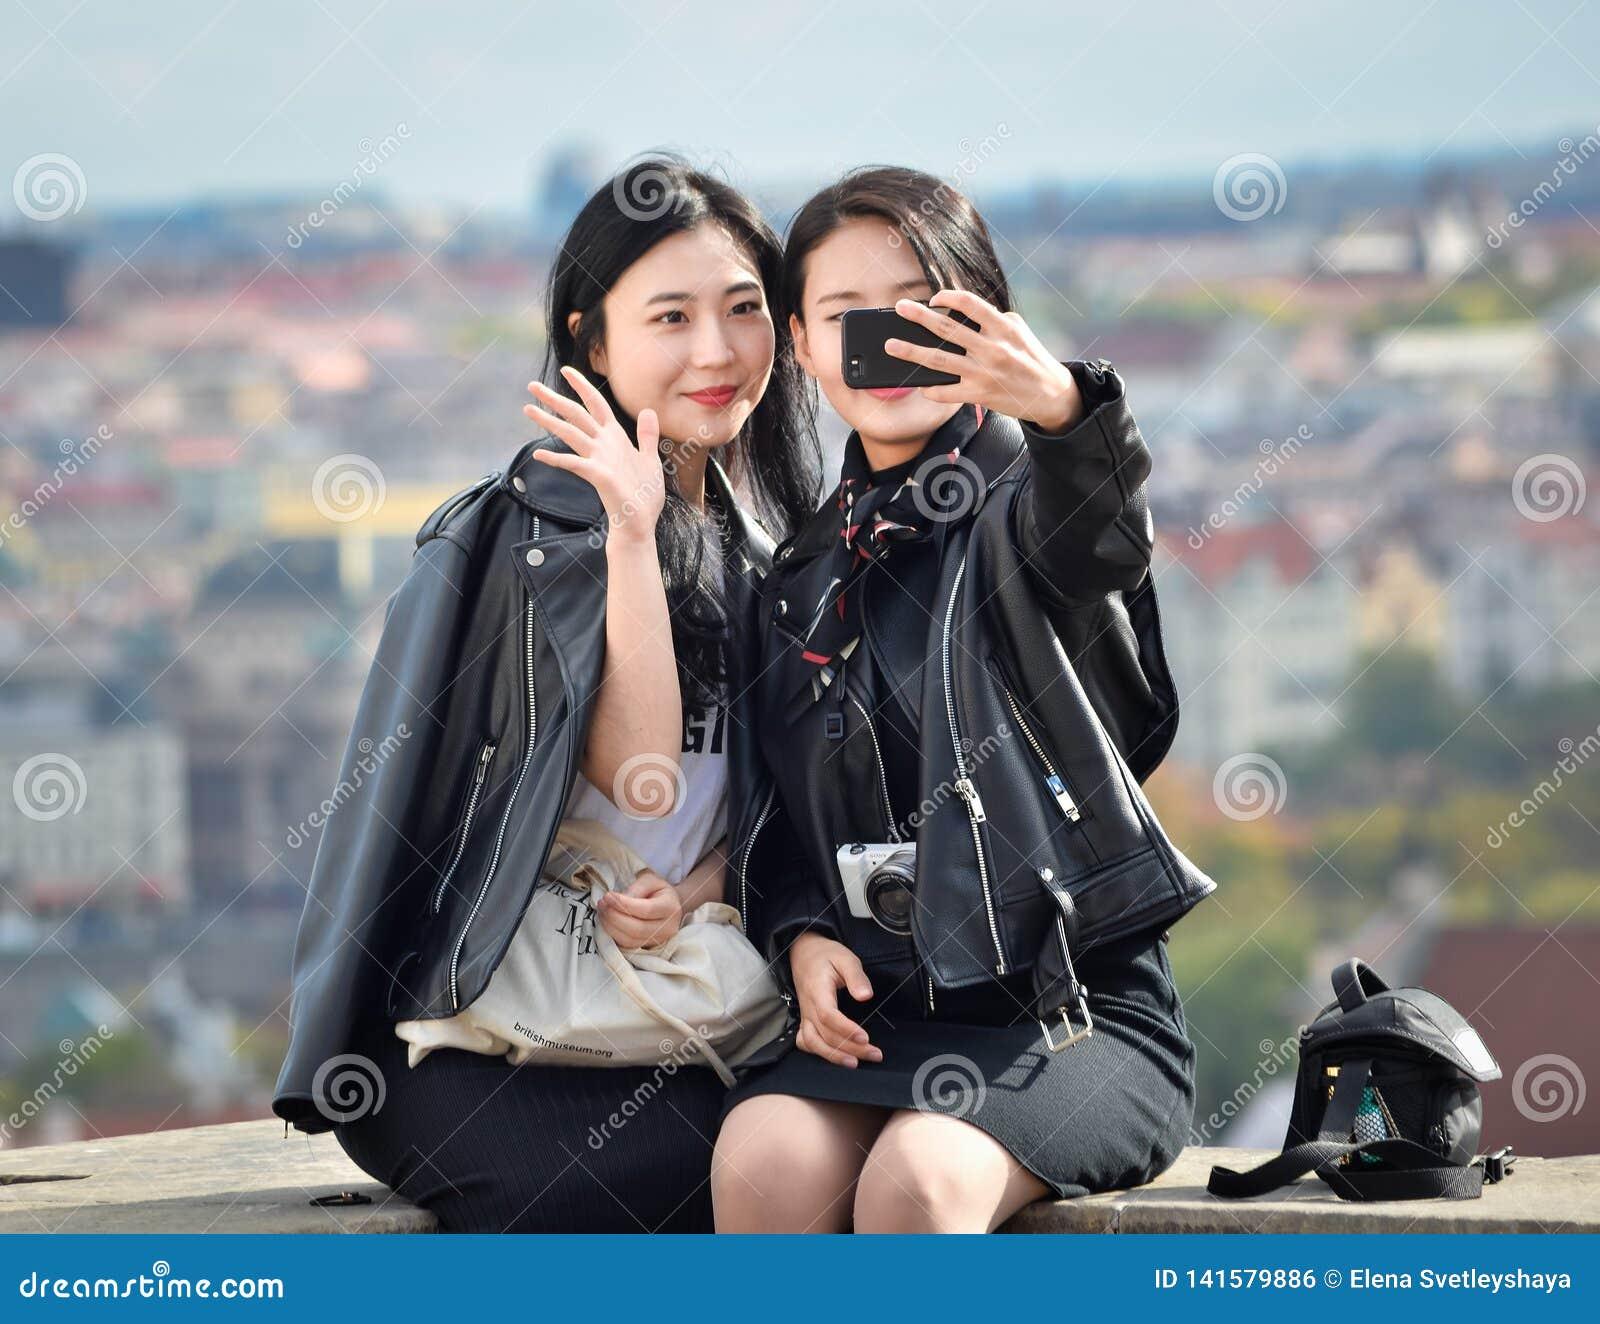 Czech republic girls